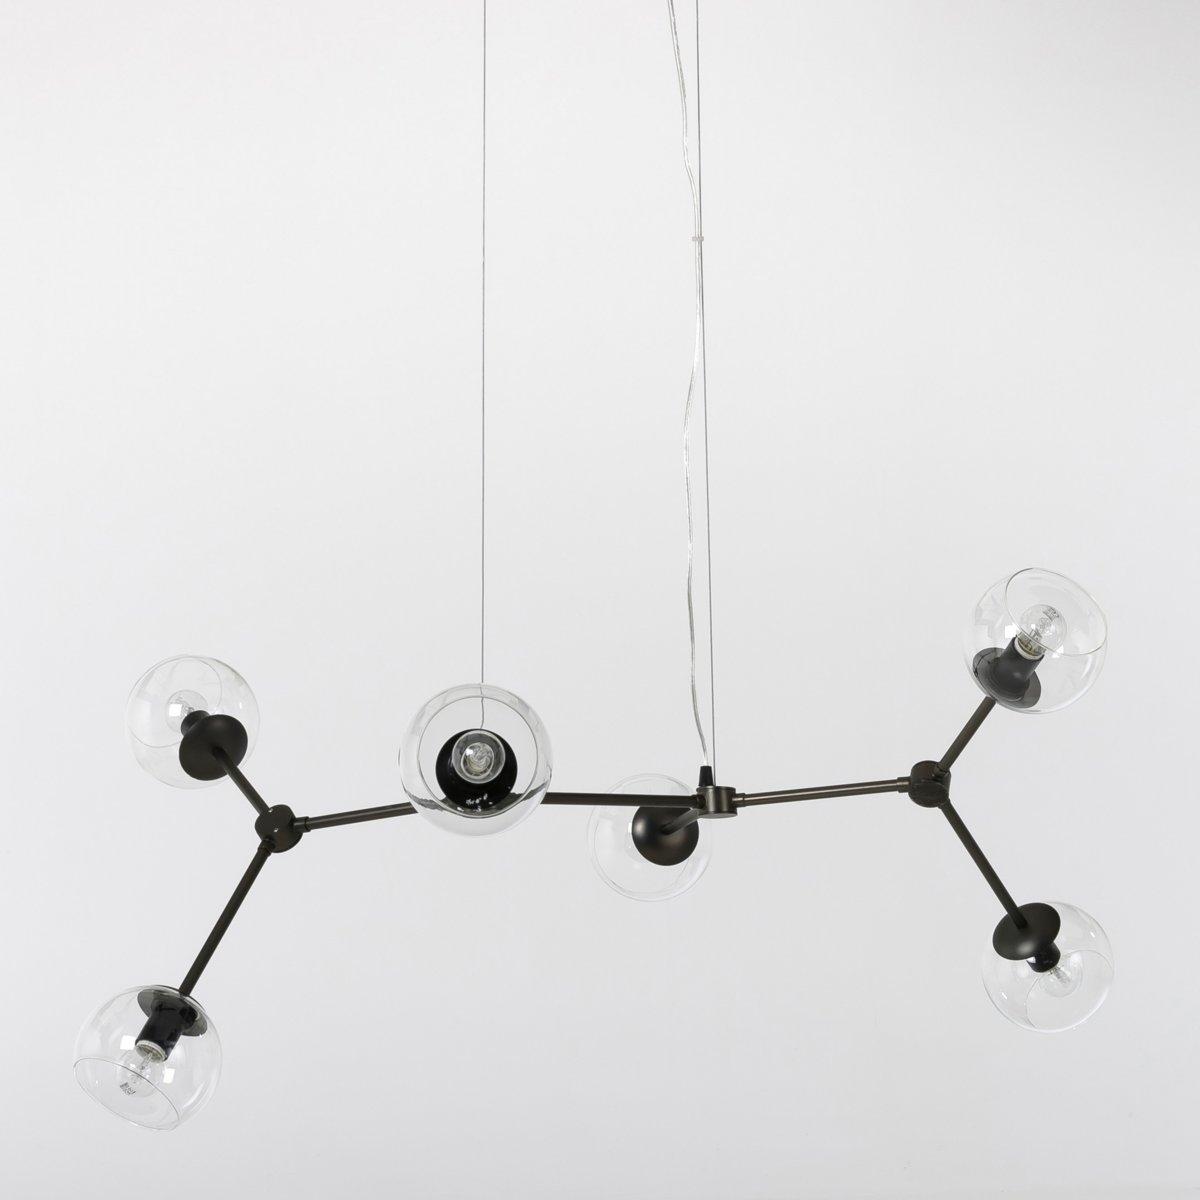 Светильник черный, AtomiumЭтот потрясающий стильный светильник выполнен в молекулярной тематике и состоит из 6 шаров с шарнирным соединением вокруг стержня с креплением на плафон с помощью 2 стальных тросиков.Характеристики :-- Из металла черного цвета и прозрачного стекла   - Патрон E14 для лампочки макс 40W (не входит в комплект) . Этот светильник совместим с лампочками    энергетического класса   A-B-C-D-E  .  Размеры : - 114 x 40 x 66 см (в нормальном положении при использовании)   . ХарактеристикиРазмеры и вес упаковки : - 100 x 17 x 70 см, 5 кг Доставка до квартиры : Доставка на дом осуществляется по предварительной договоренности!Внимание! Убедитесь в том, что товар возможно доставить на дом, учитывая его габариты (проходит в двери, по лестницам, в лифты).<br><br>Цвет: бронзовый состаренный